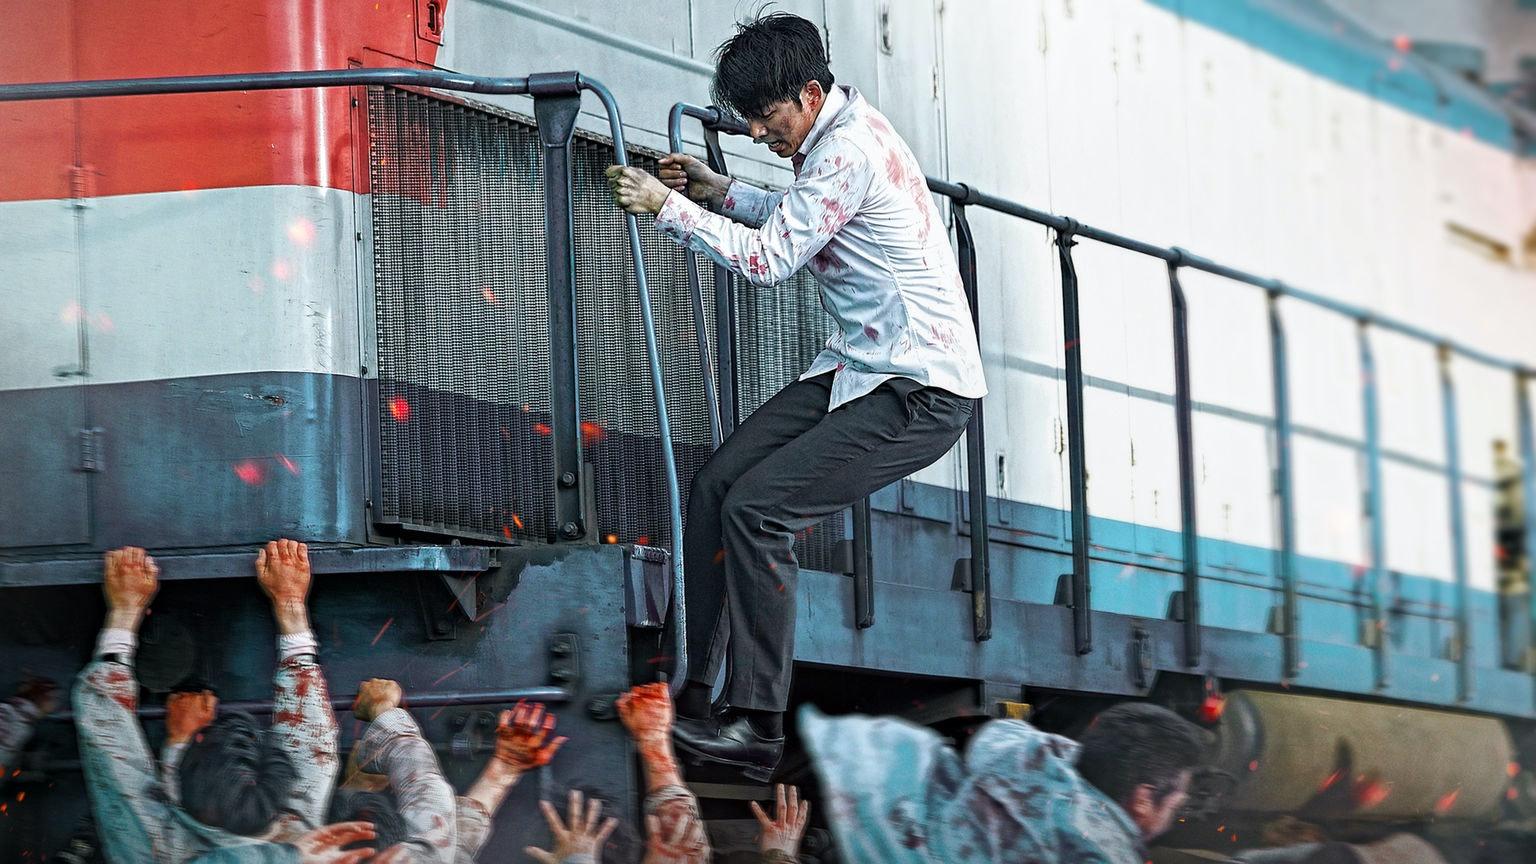 Gong Yoo, Train to Busan scene